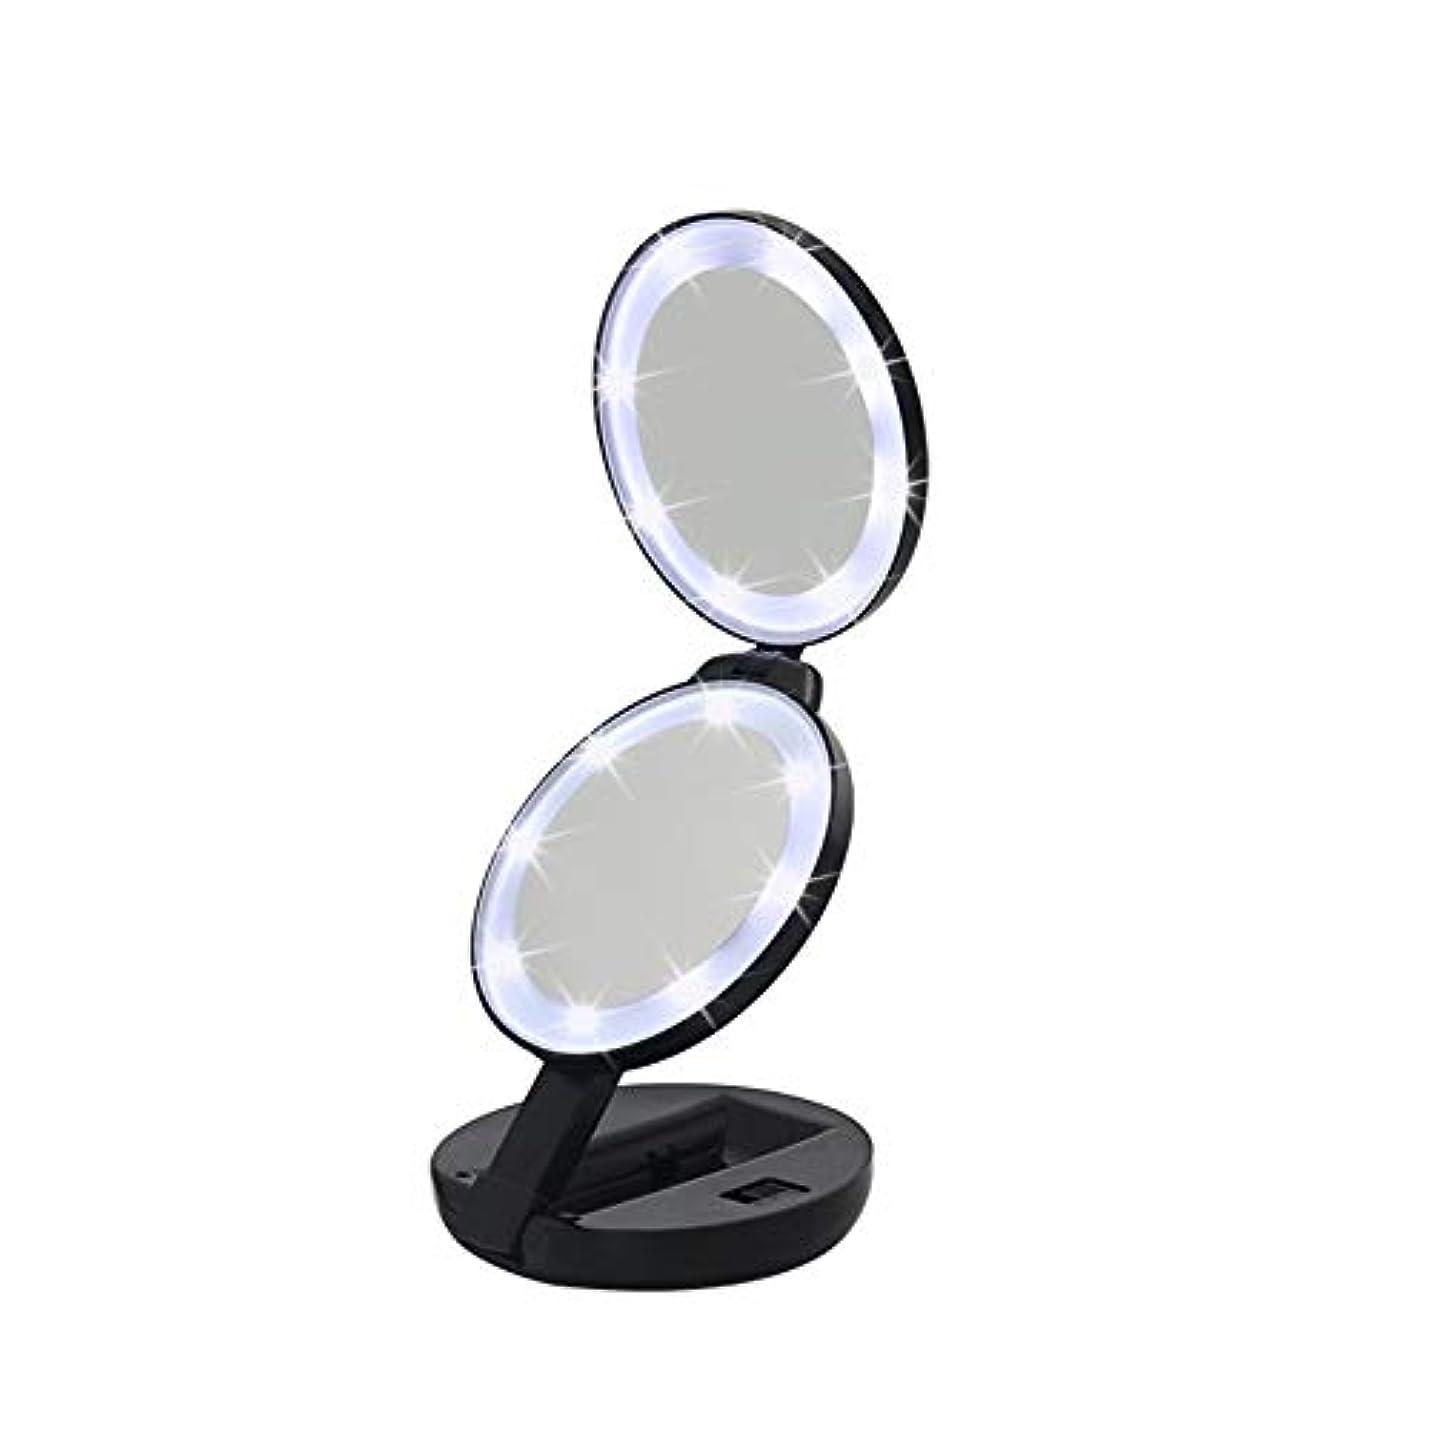 ポスター戻す入射流行の 新しいラウンド三つ折りLEDフィルライト化粧鏡ABS素材虫眼鏡ハンドヘルド美容ミラーブラック